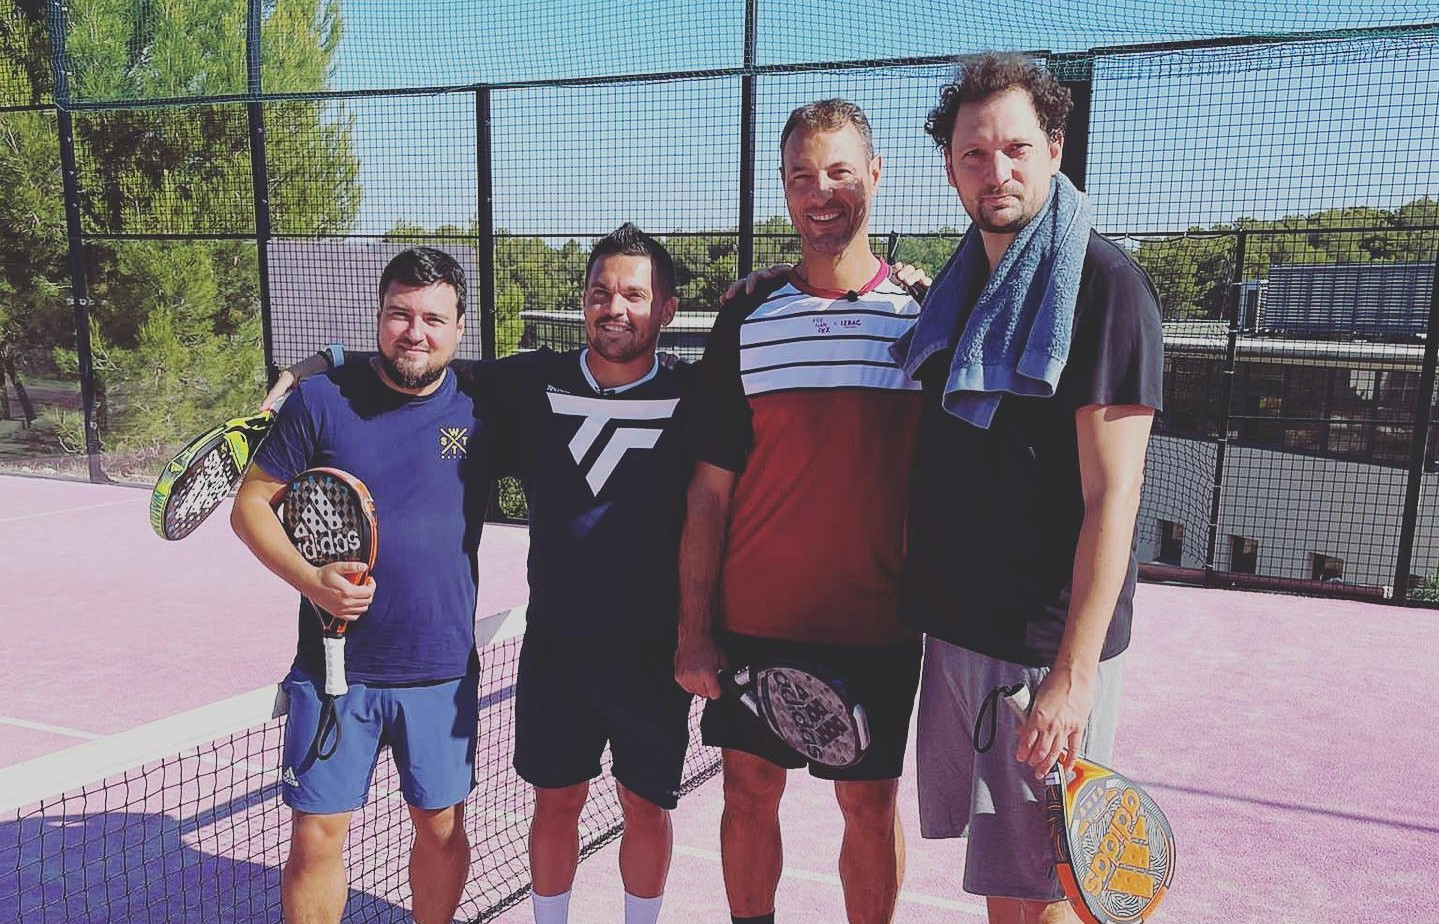 Du padel no Bein Sports com Eric Antoine, Jérôme Fernandez e Vincent Parisi